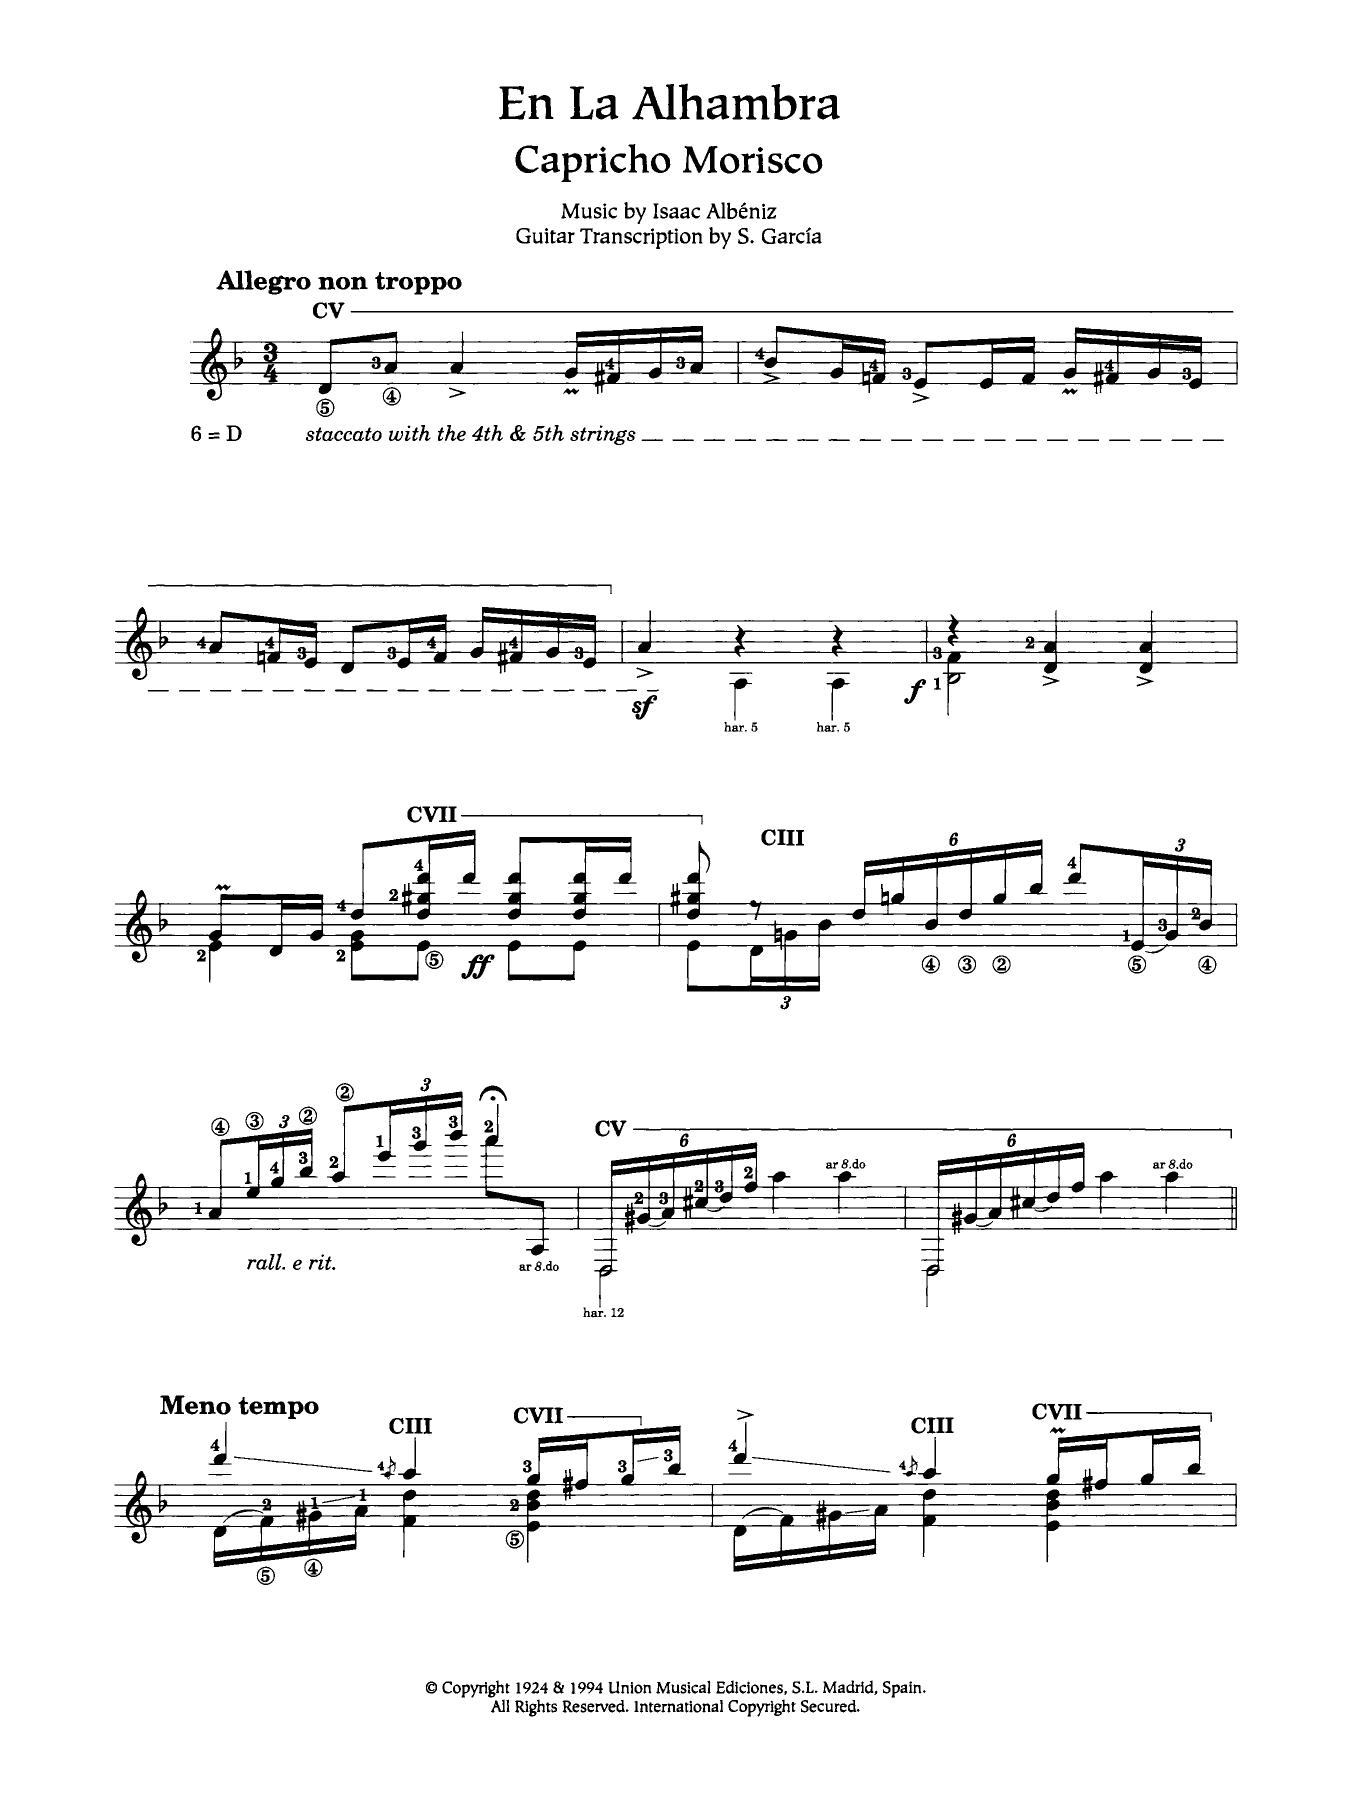 En La Alhambra (Capricho Morisco) Sheet Music